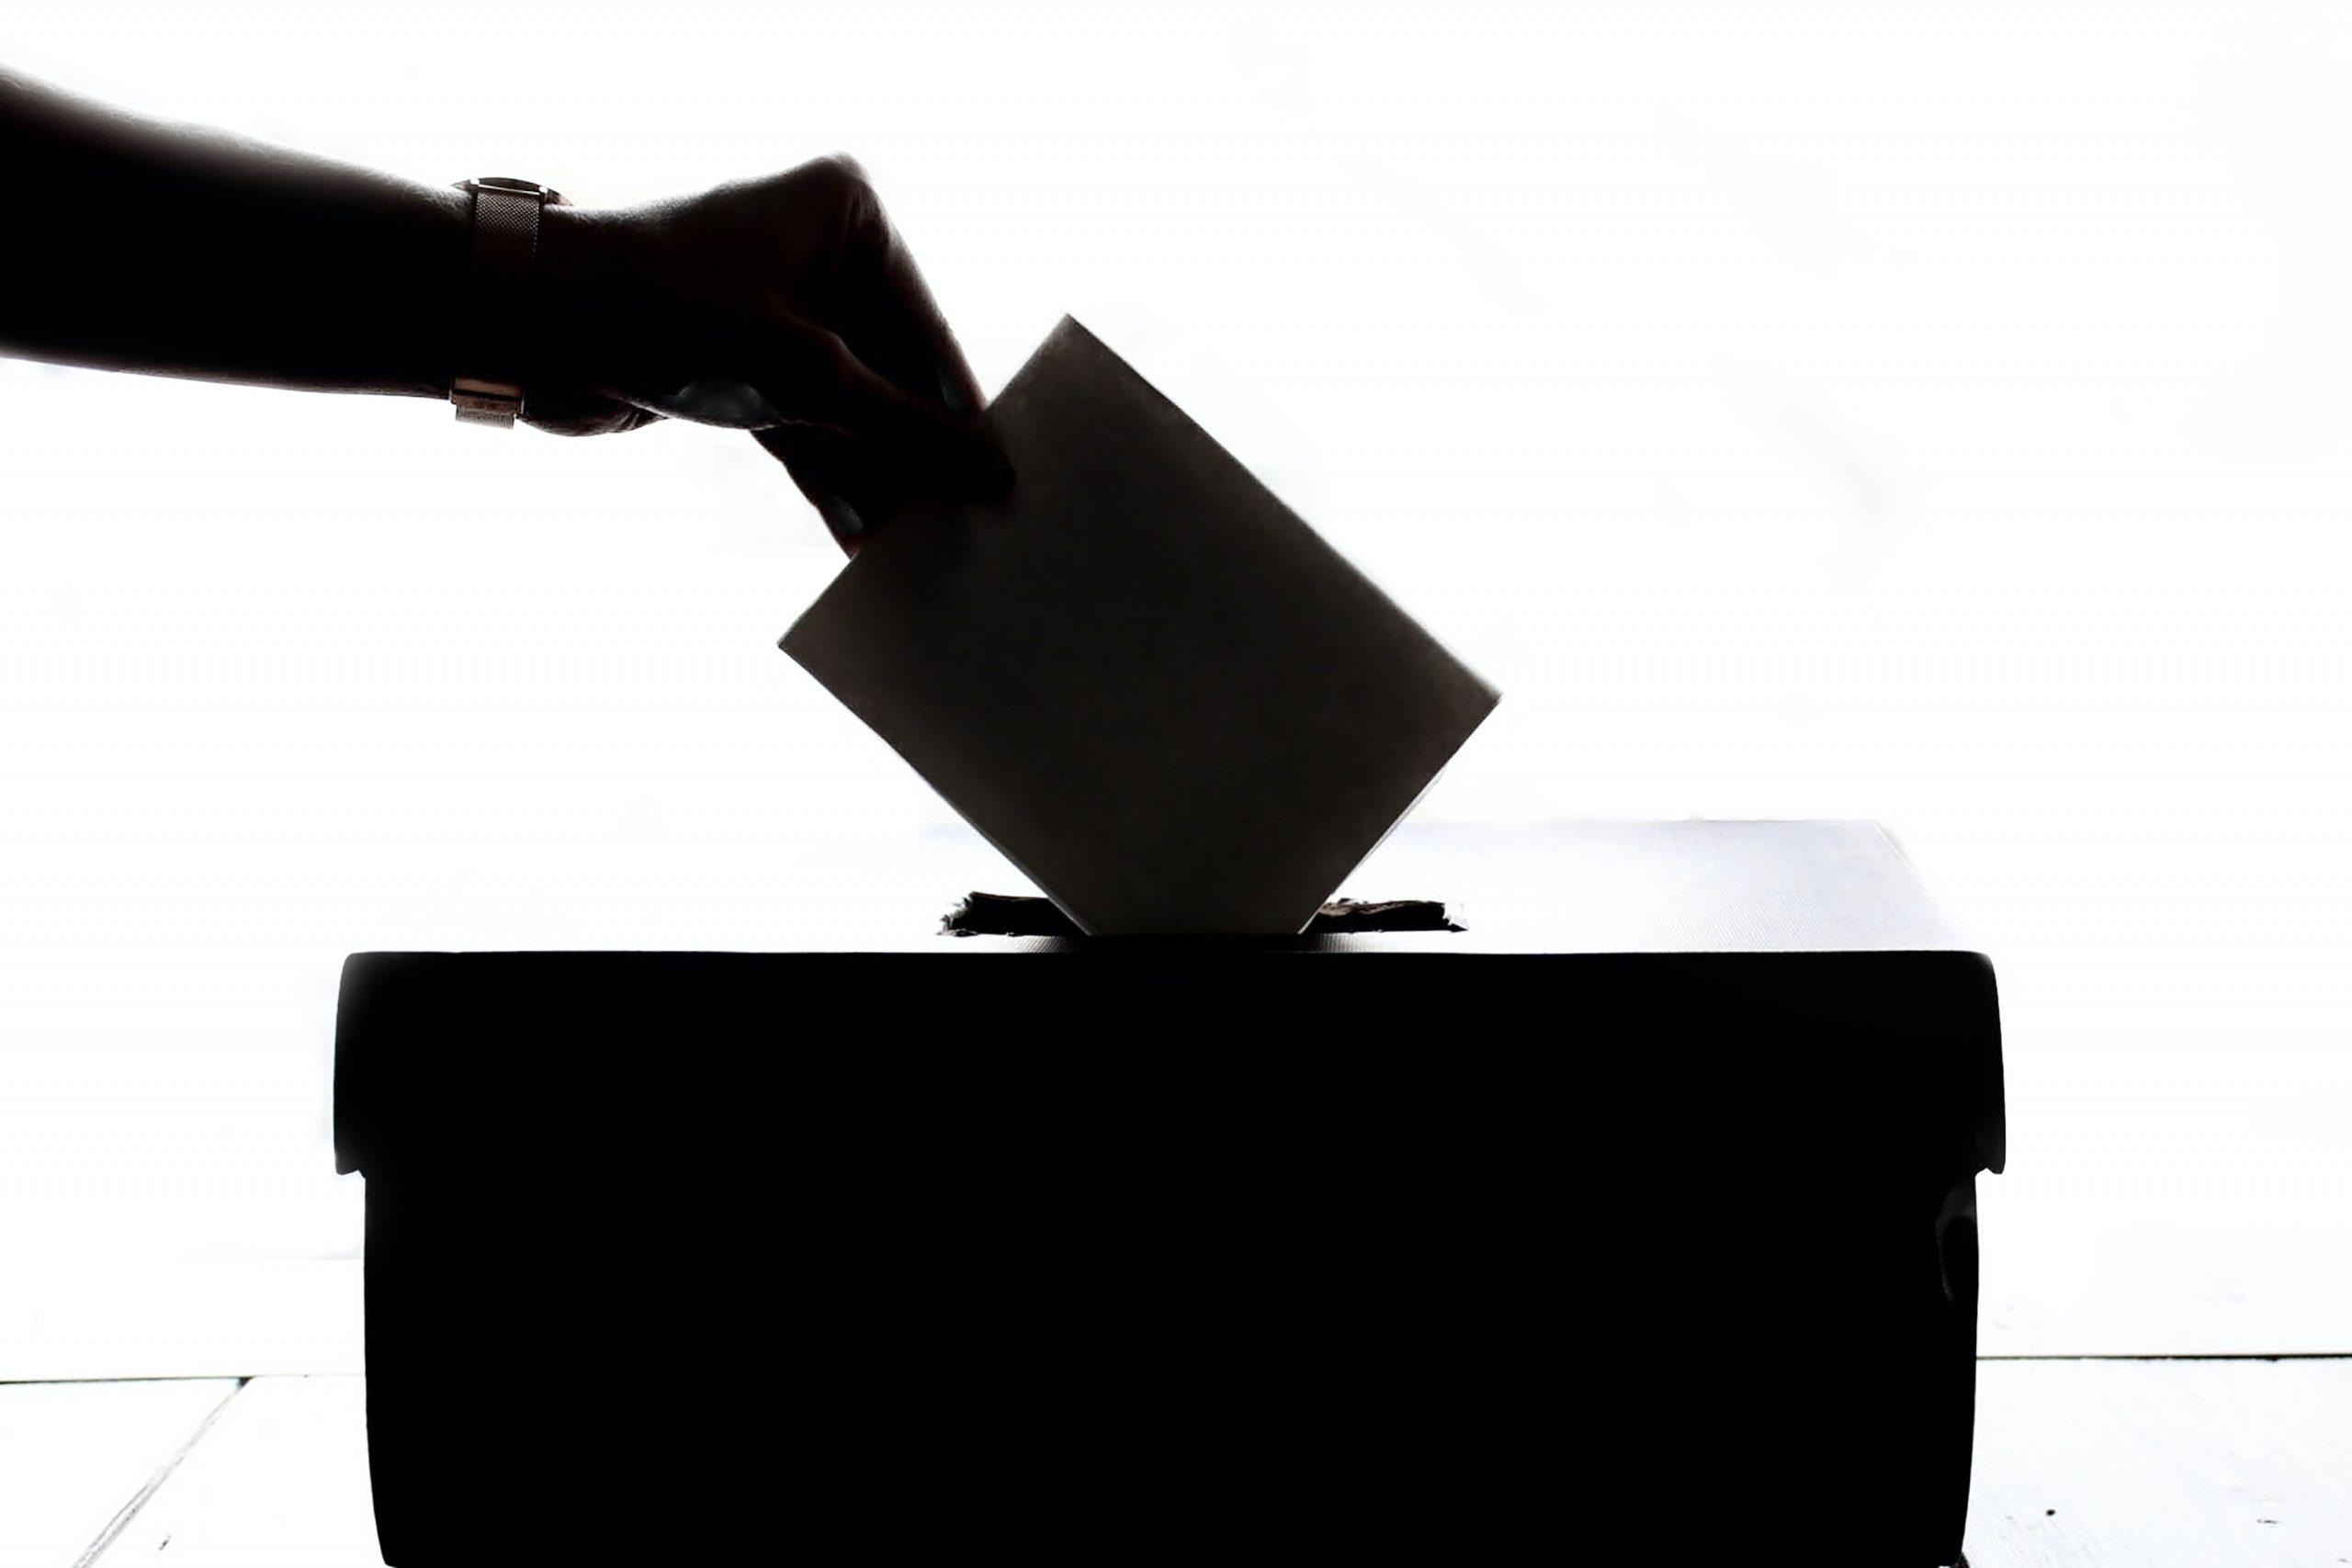 Alegeri locale parțiale pentru primari și consiliu local - 27 iunie 2021